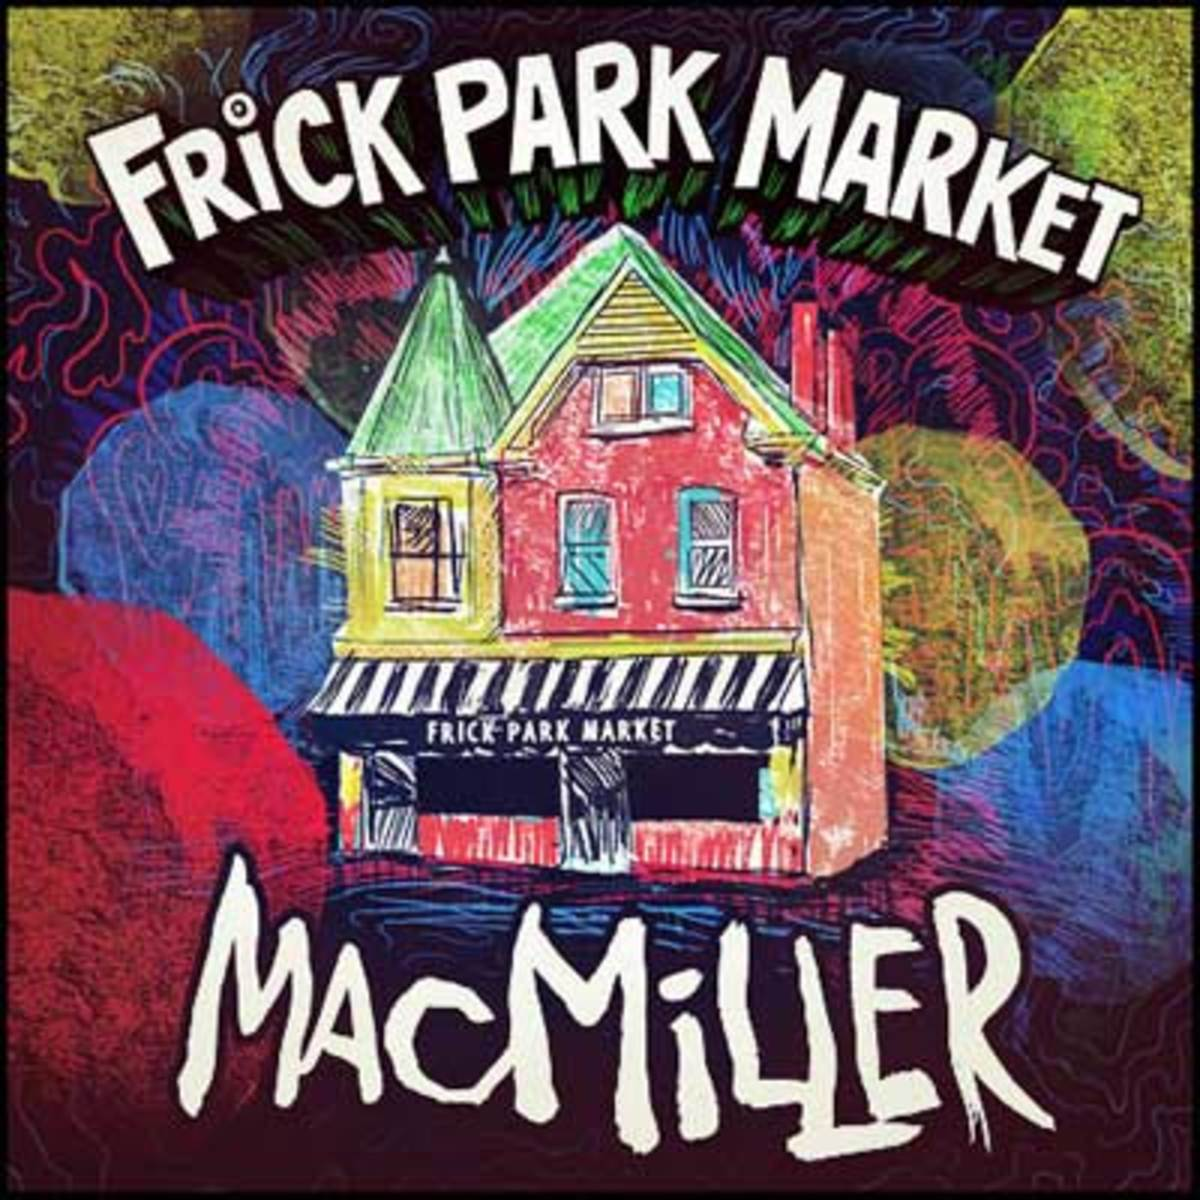 macmiller-frickparkmarket.jpg